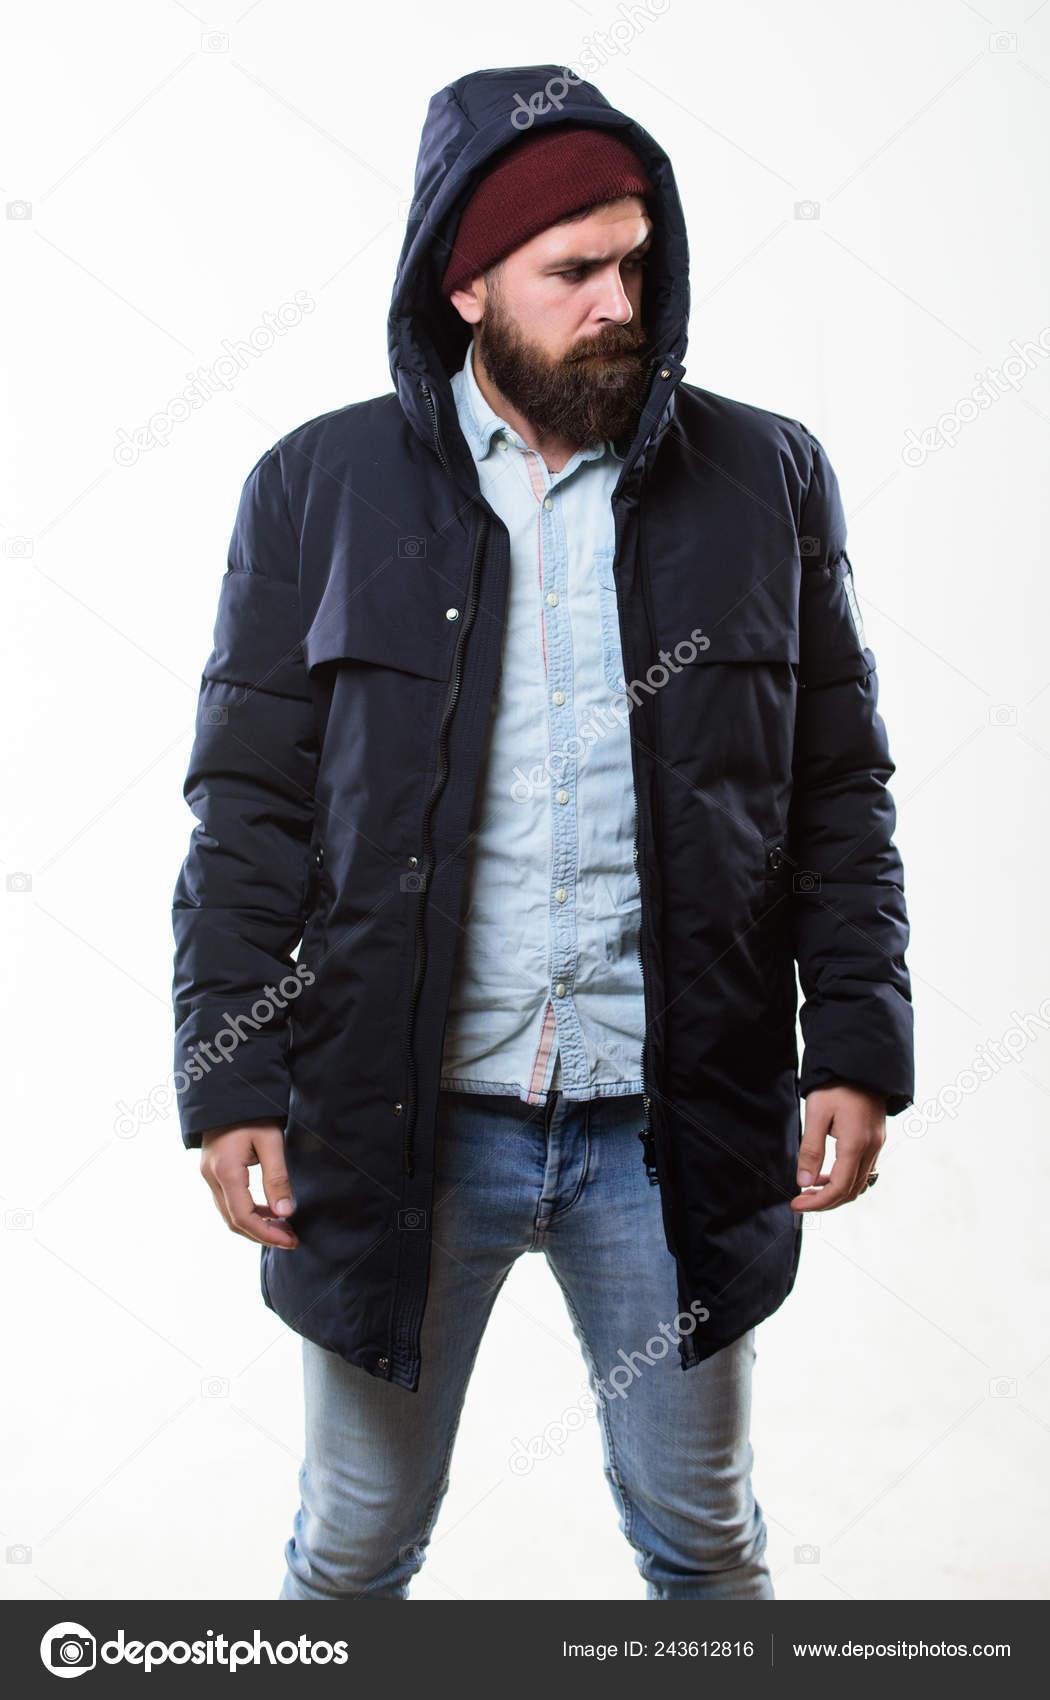 7a23bb2de7 Vestito di hipster. Uomo barbuto hipster cavalletto parka giacca ...